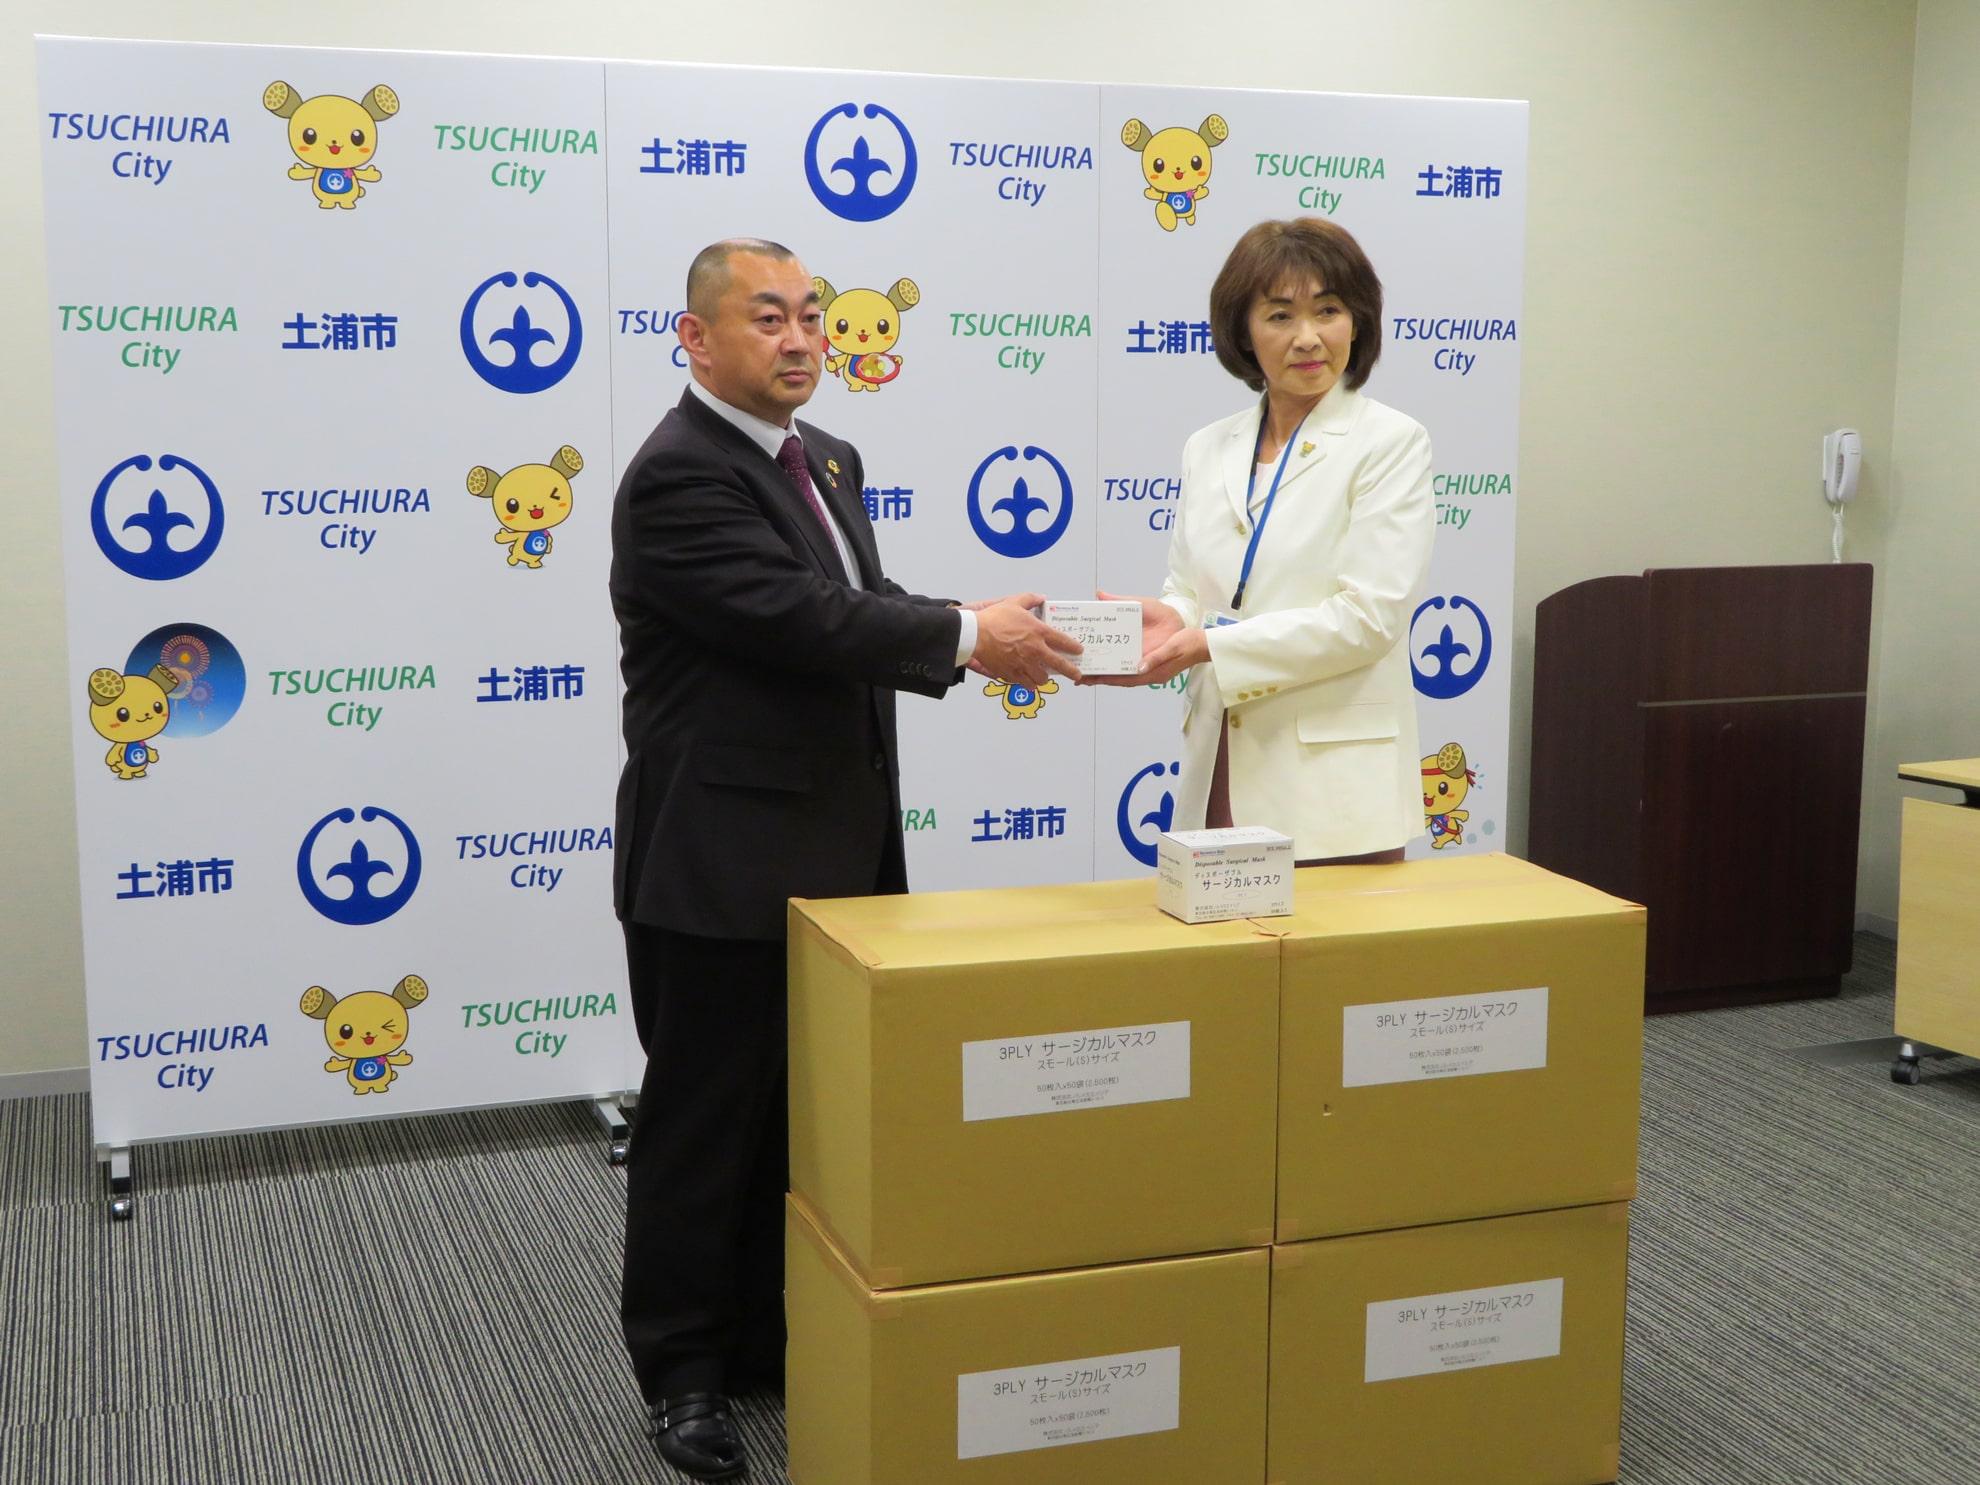 新型コロナウィルス感染防止 土浦市にマスク10万枚寄贈